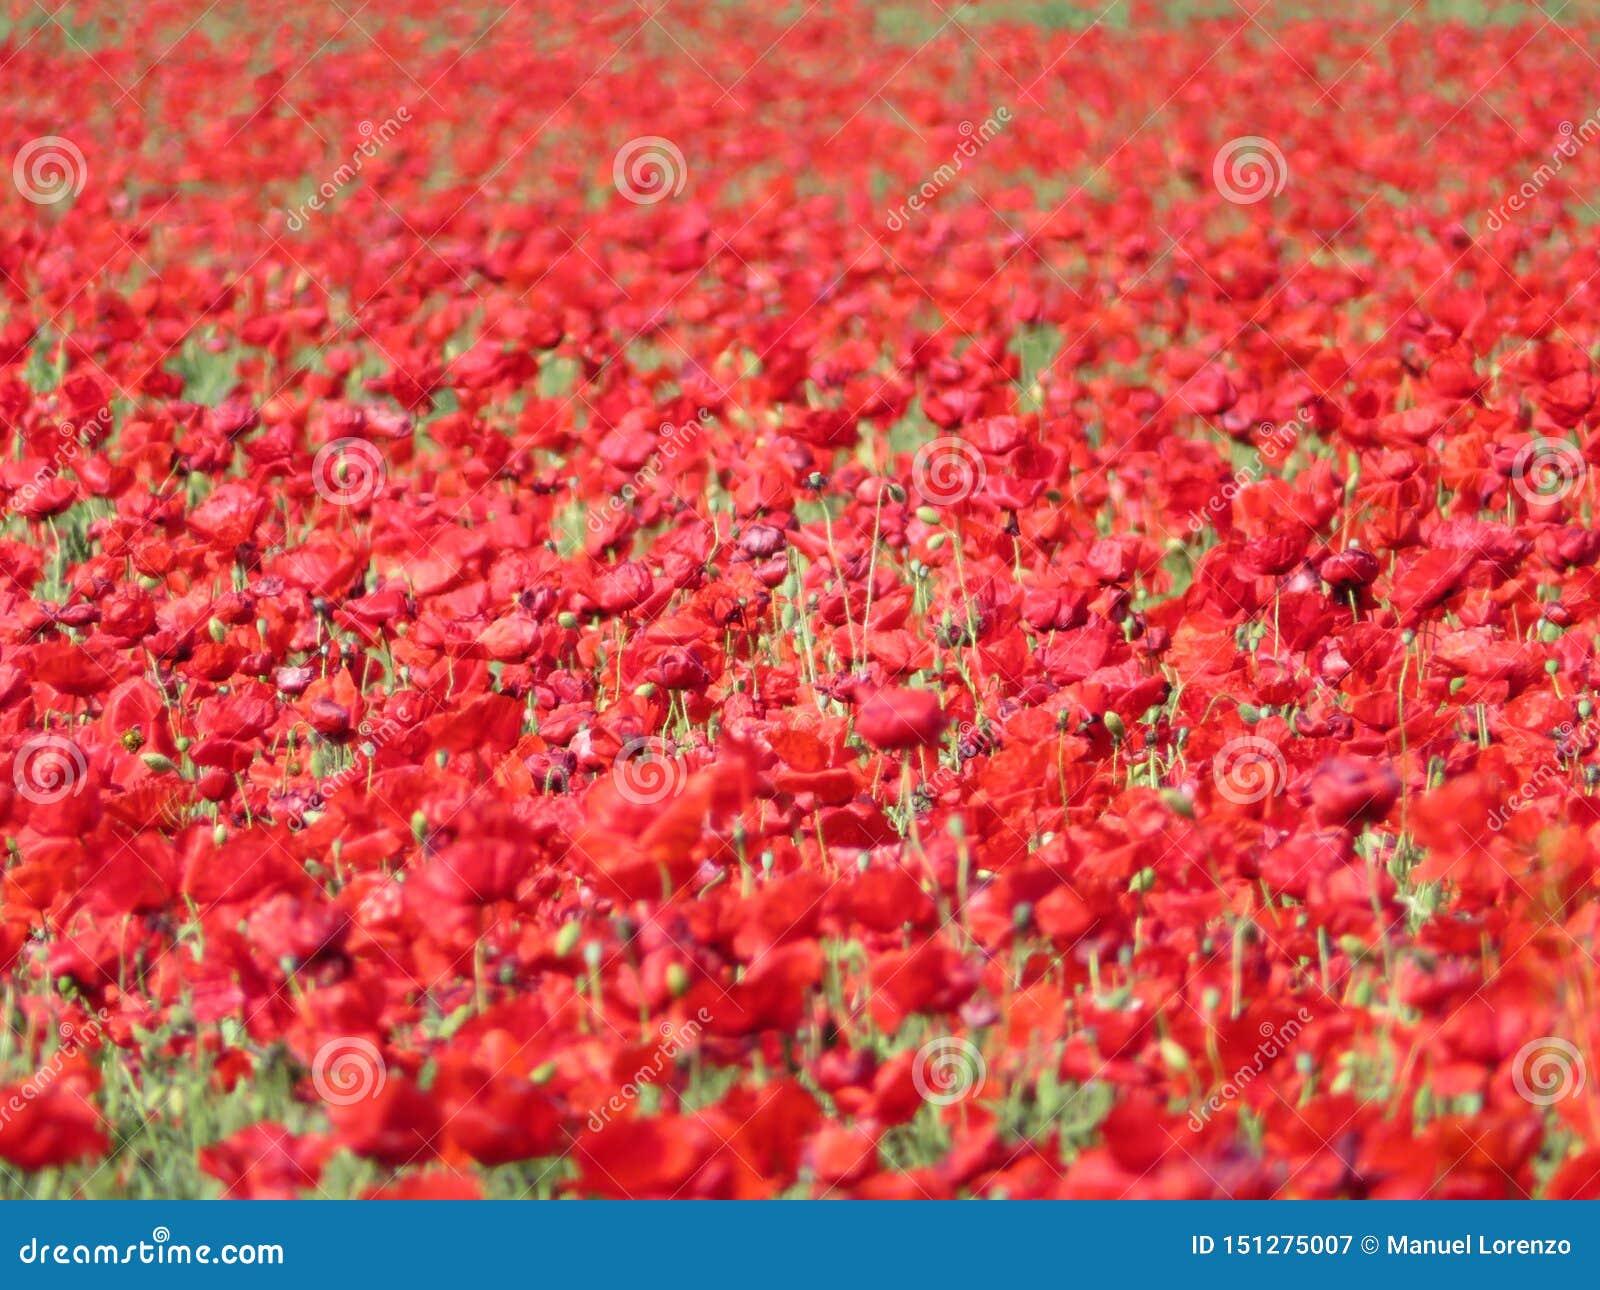 Beaux pavots rouges pleins des fleurs mélangées à de la céréale